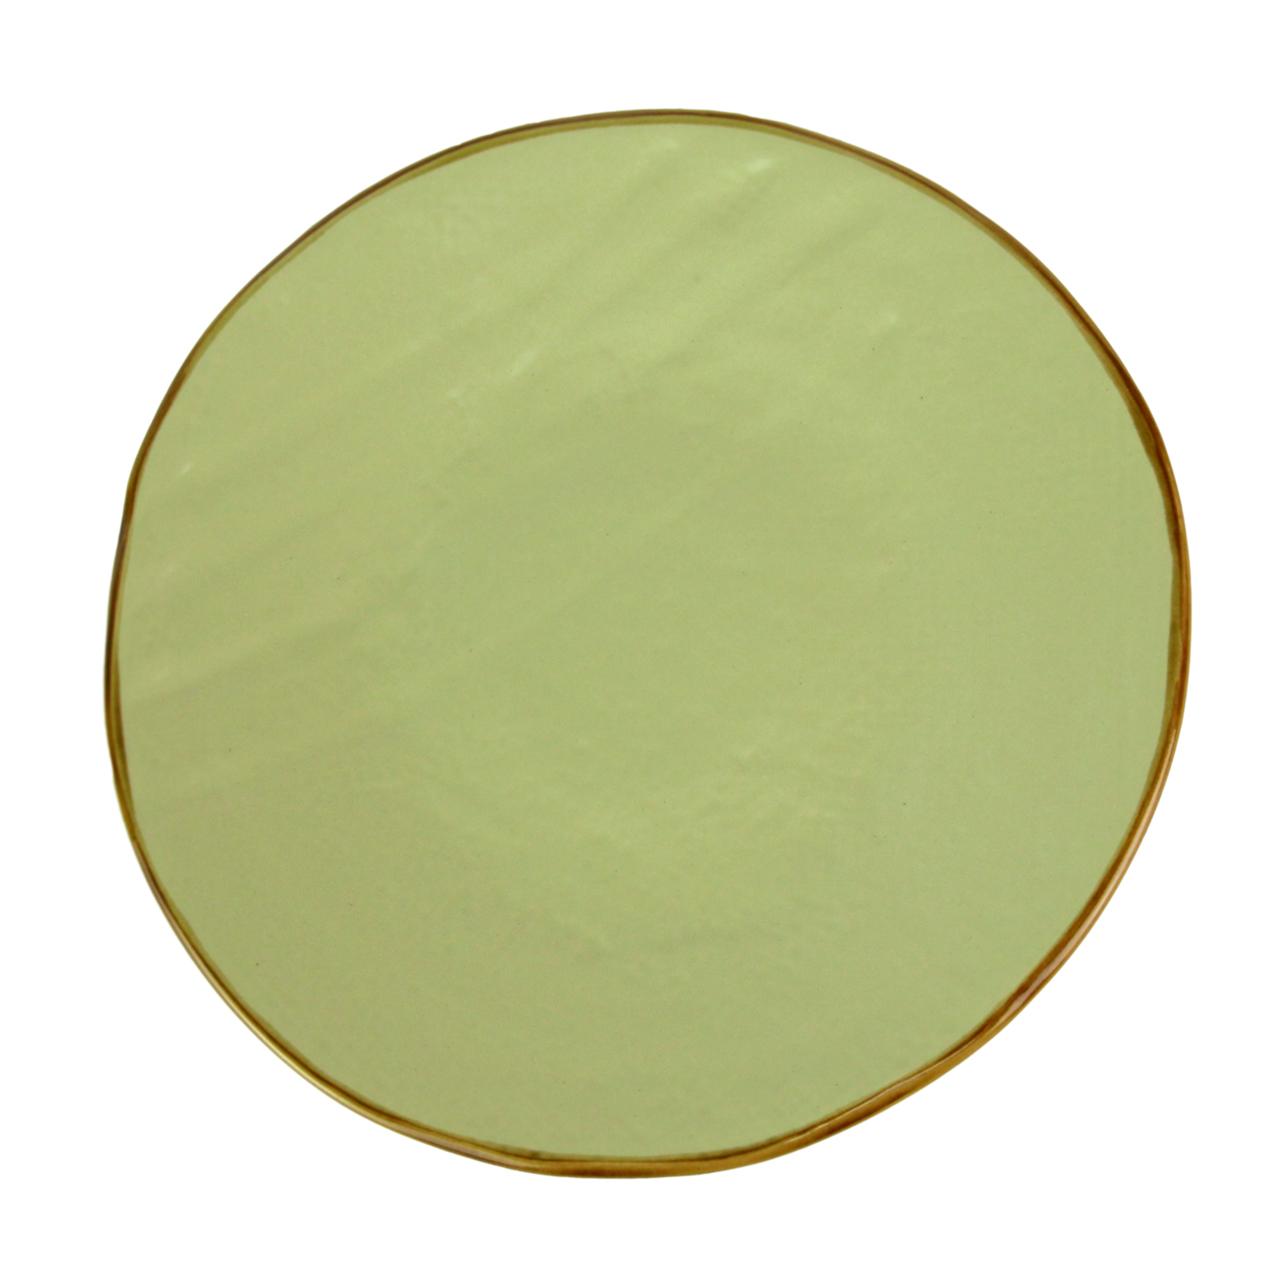 Farfurie Pentru Desert Tradition Din Ceramica Verd